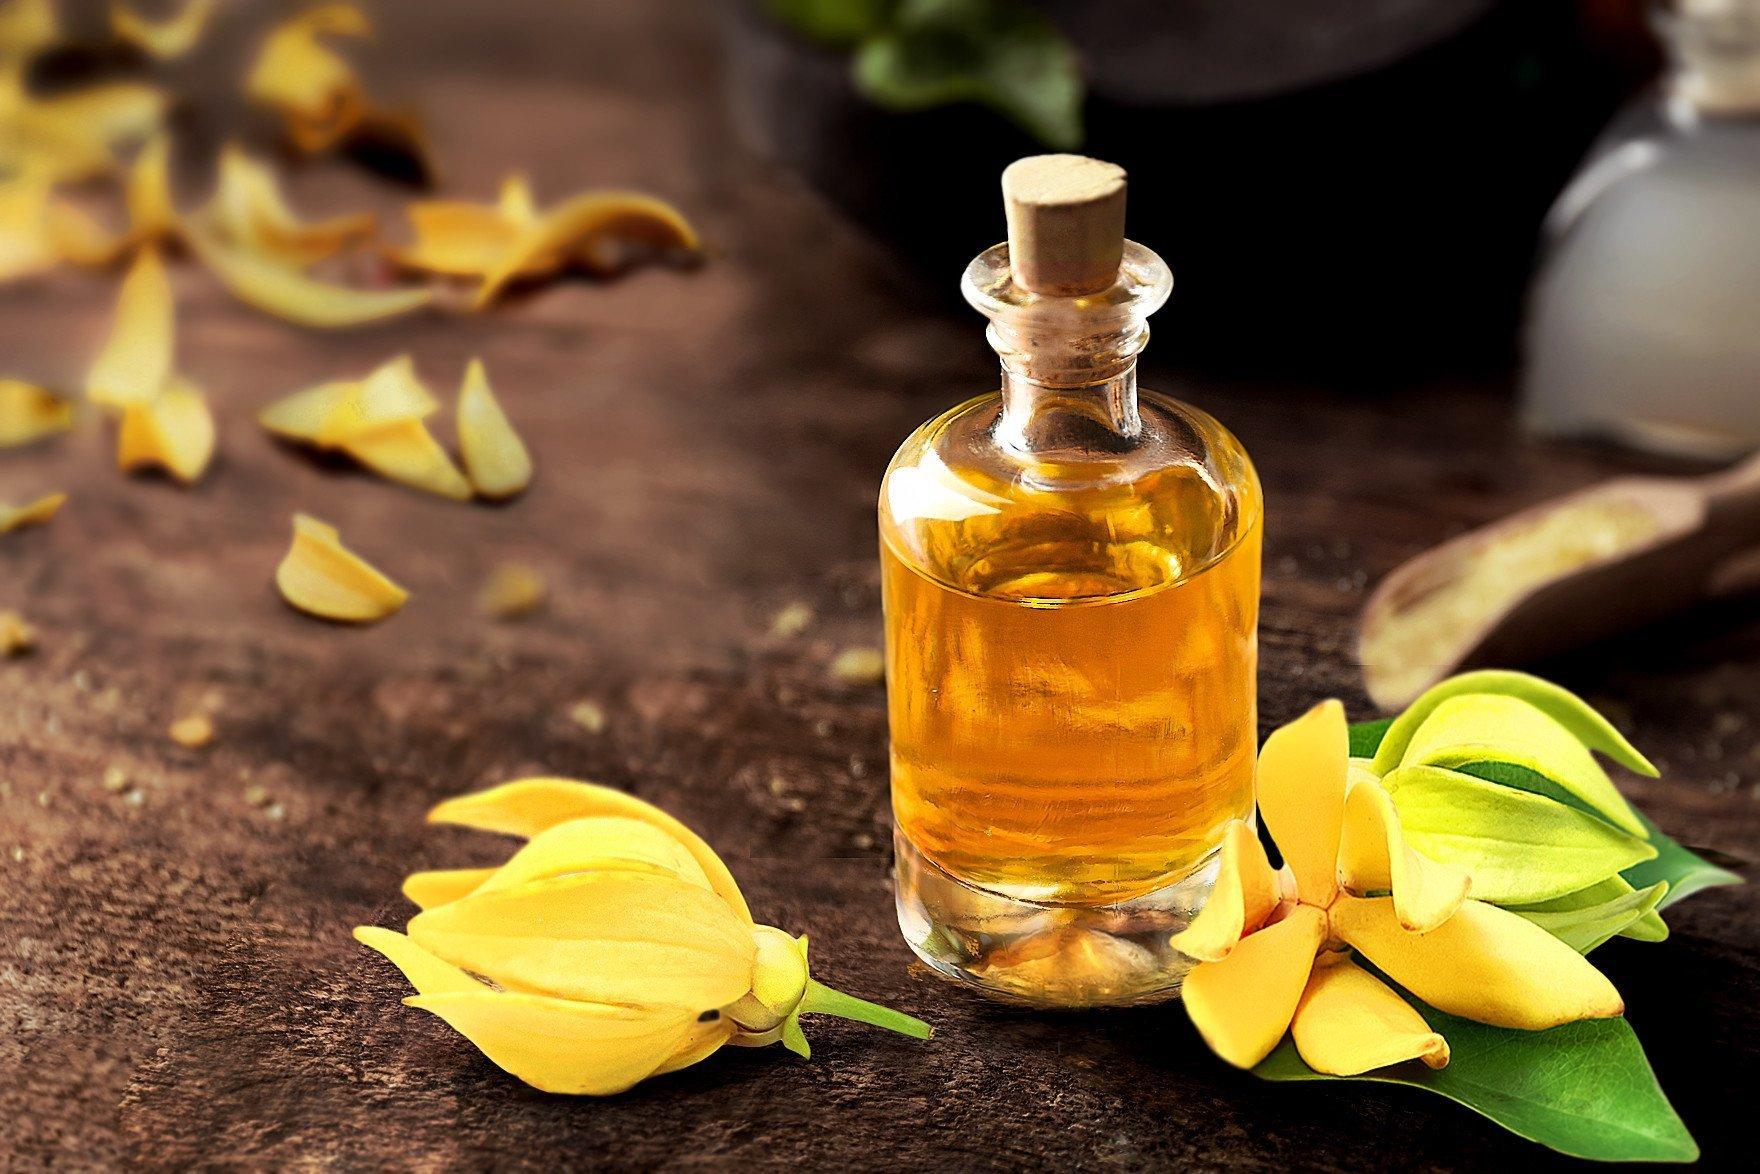 Эфирное масло иланг иланг: свойства и применение